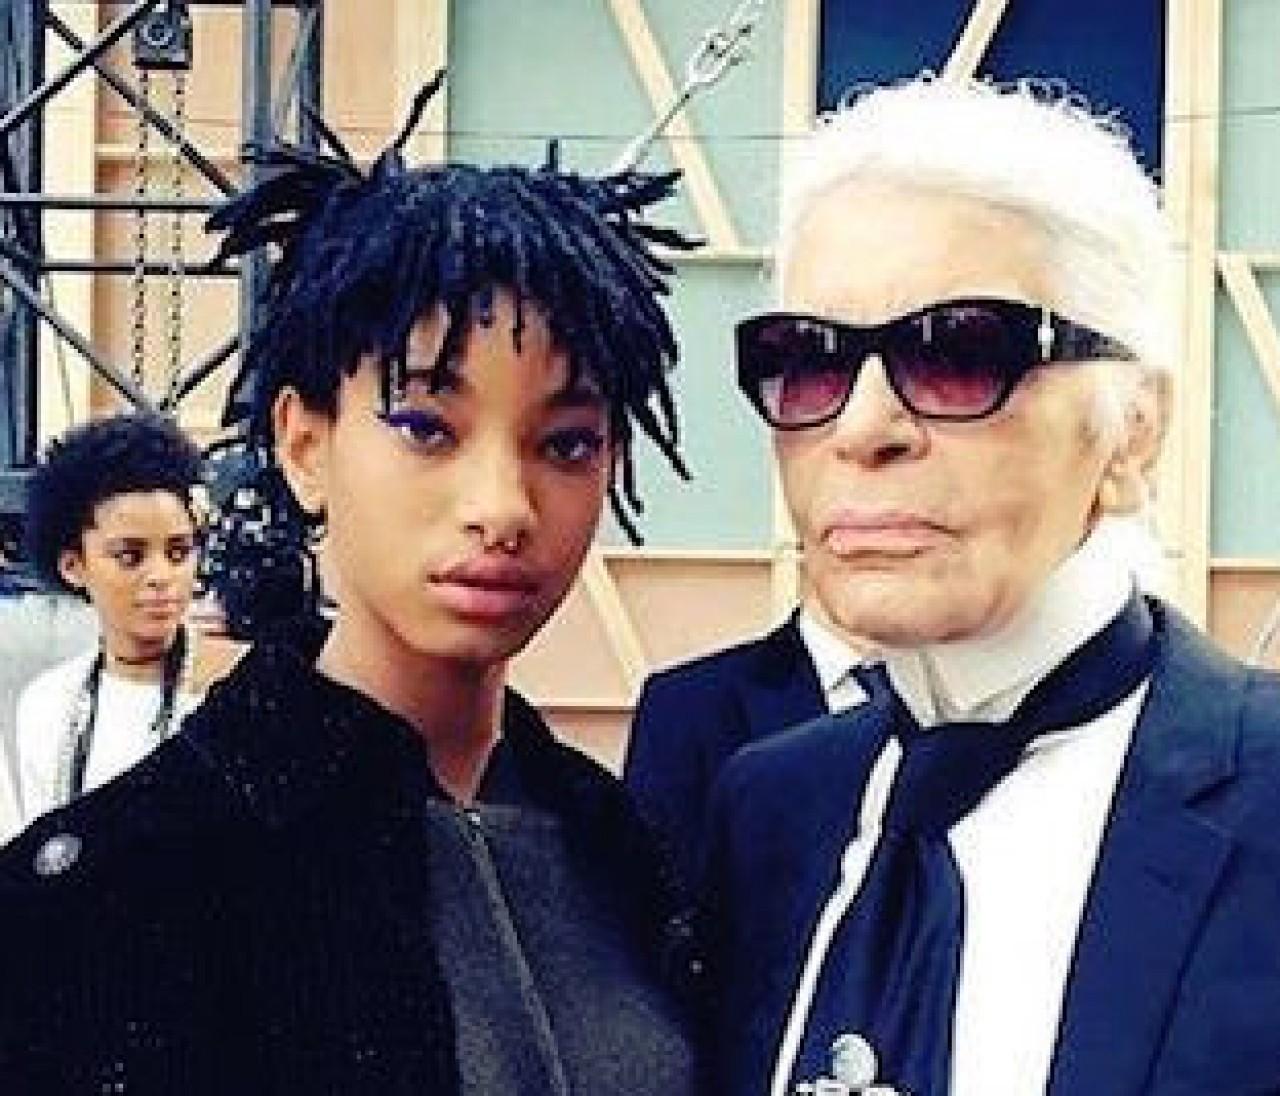 ファッション界が争奪戦! スーパークールな2世セレブ、スミス兄妹